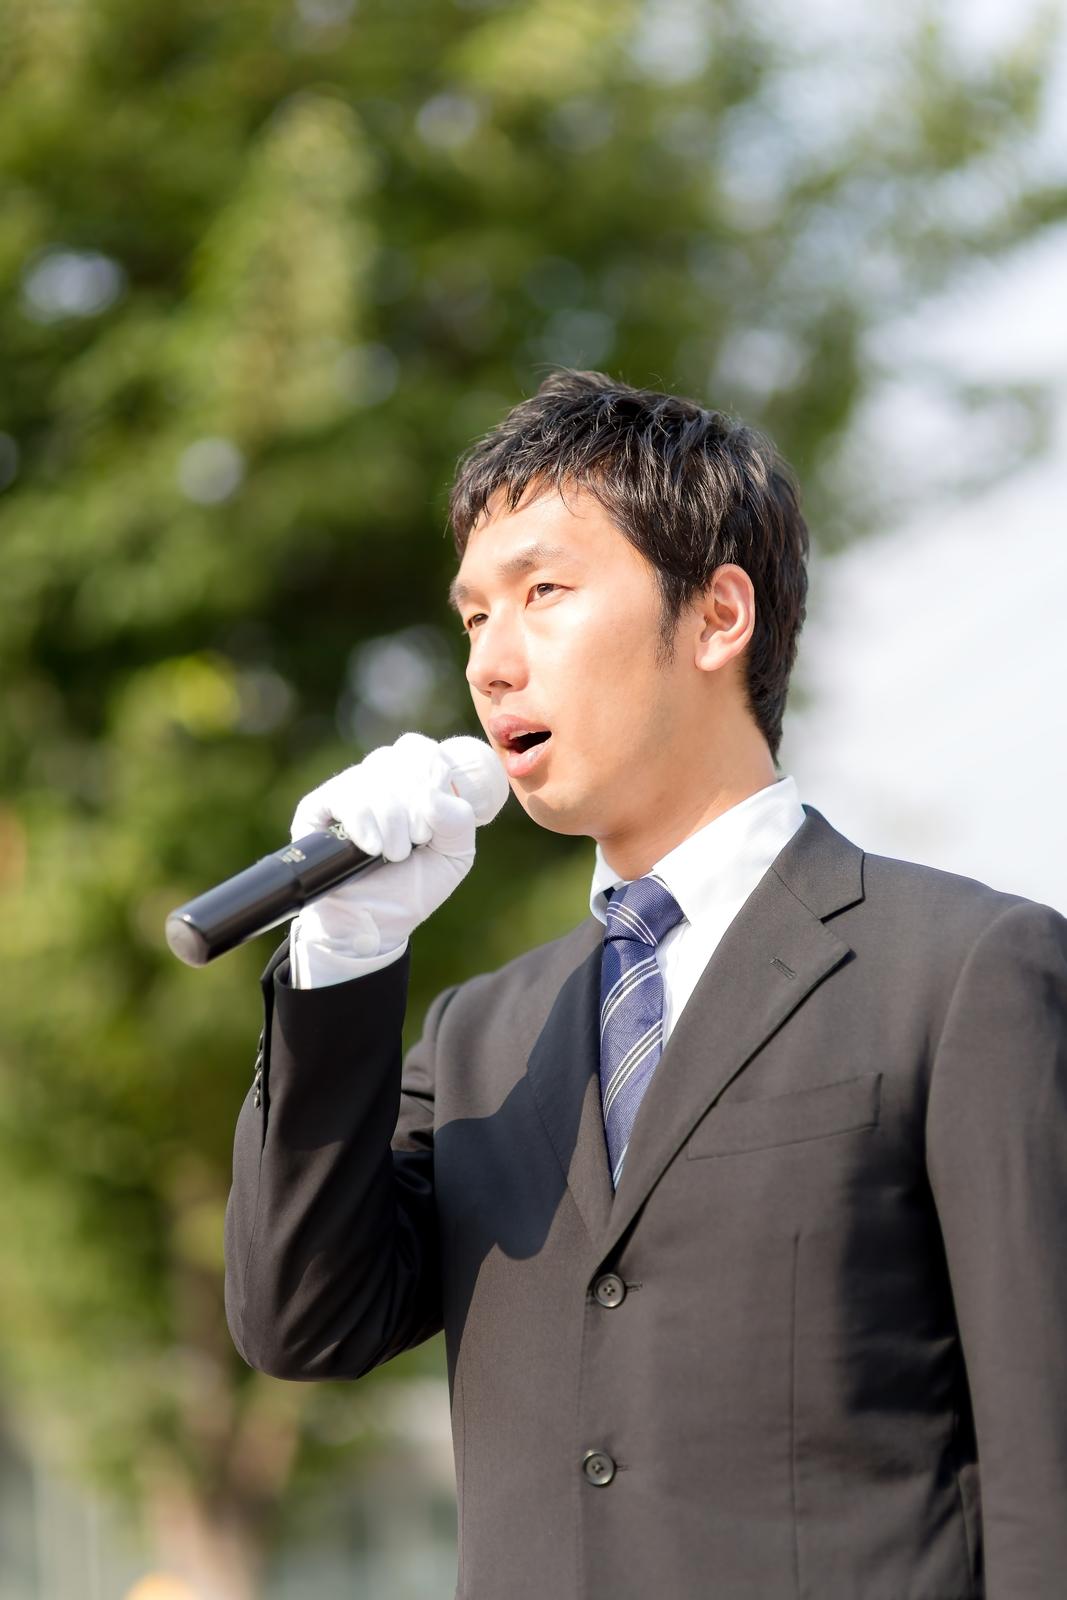 市長選の若き候補者